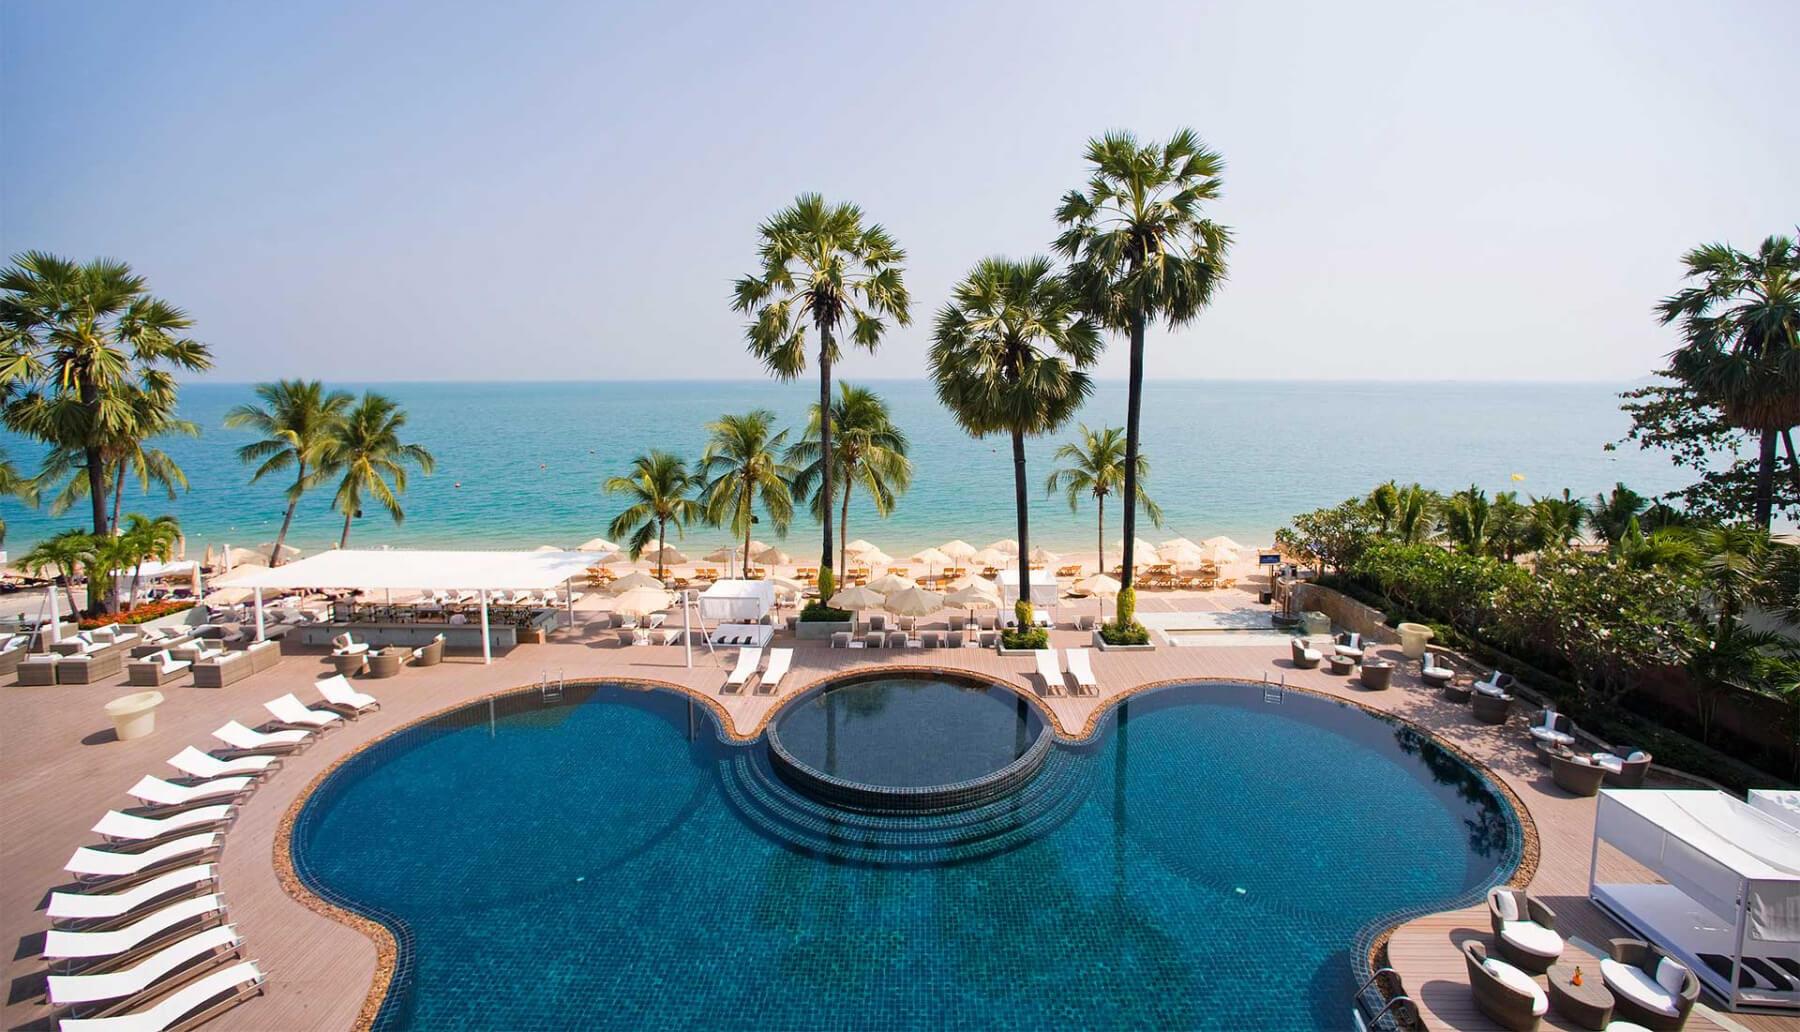 Отель Pullman Pattaya Hotel G - удачный выбор для отдыха с семьей в Паттайе